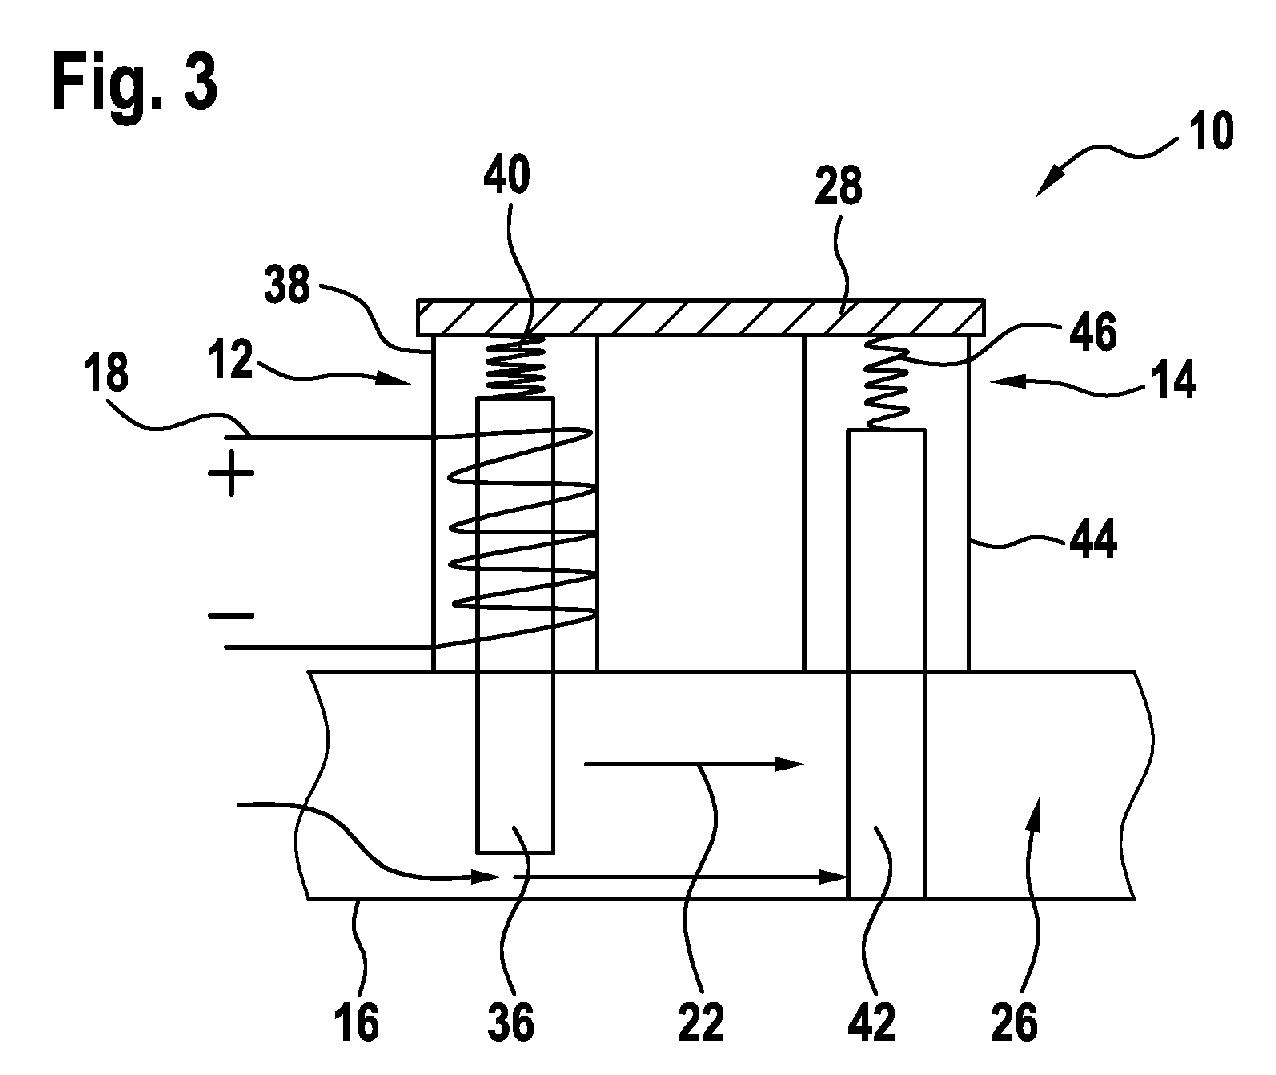 Hochfrequenzsteckverbinder für Koaxialkabel - Patent 0010567